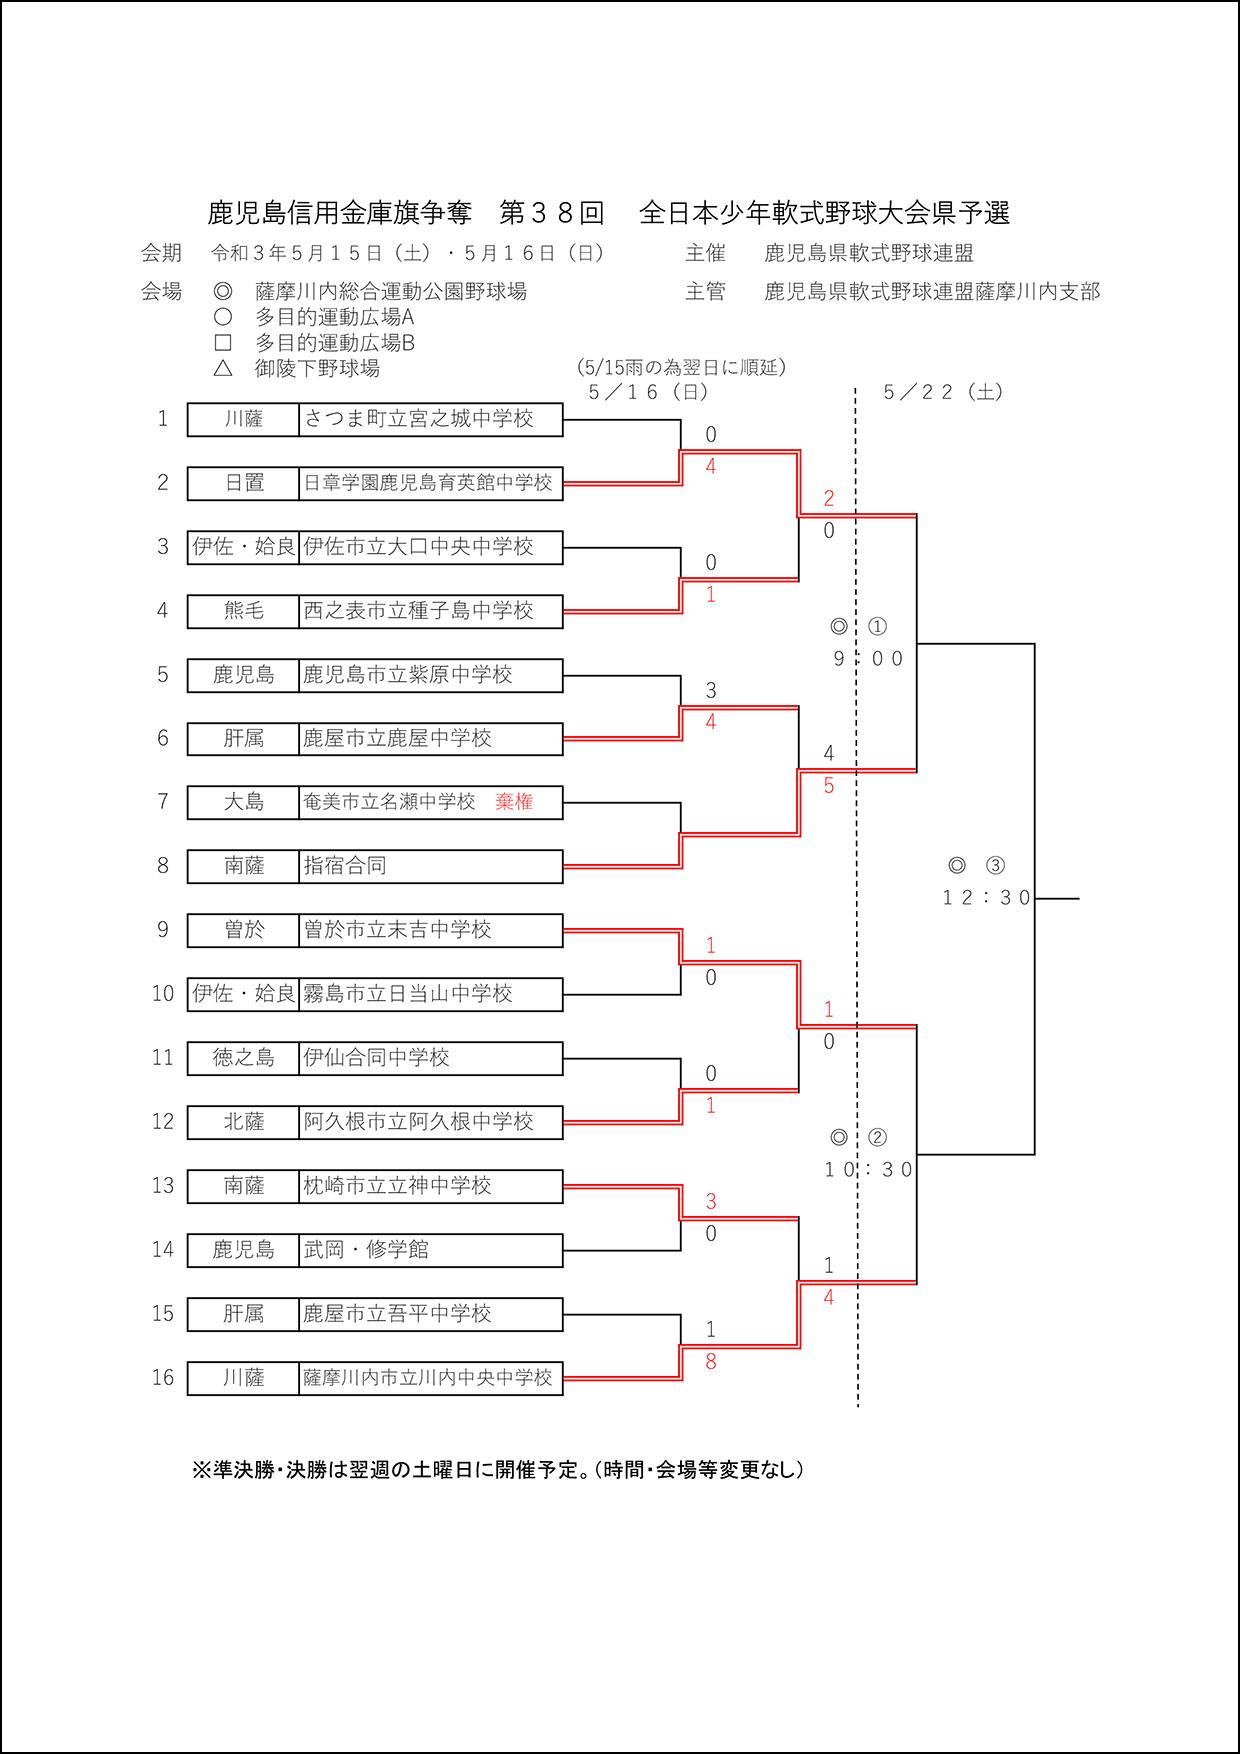 【途中経過】鹿児島信用金庫旗争奪 第38回全日本少年軟式野球大会県予選